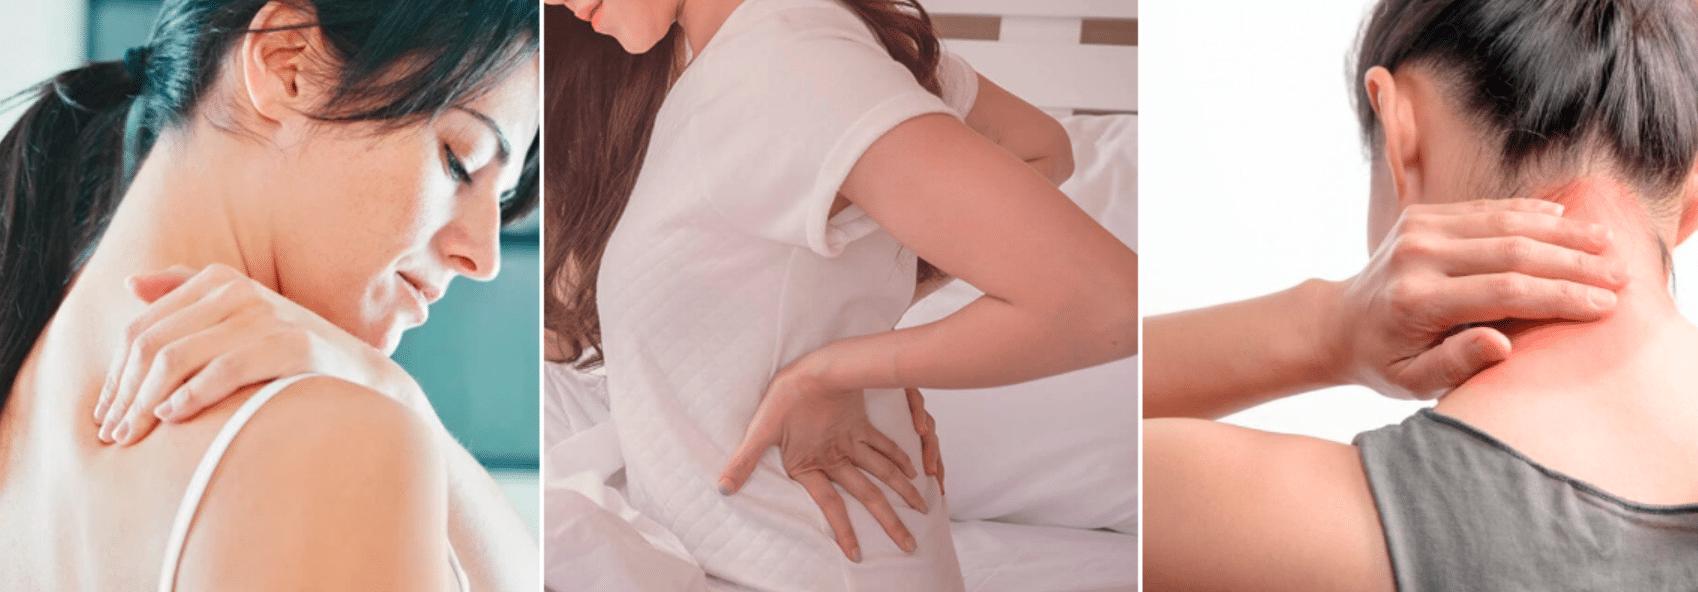 imagem de mulheres fazendo automassagem nas costas, cabeça e pescoço